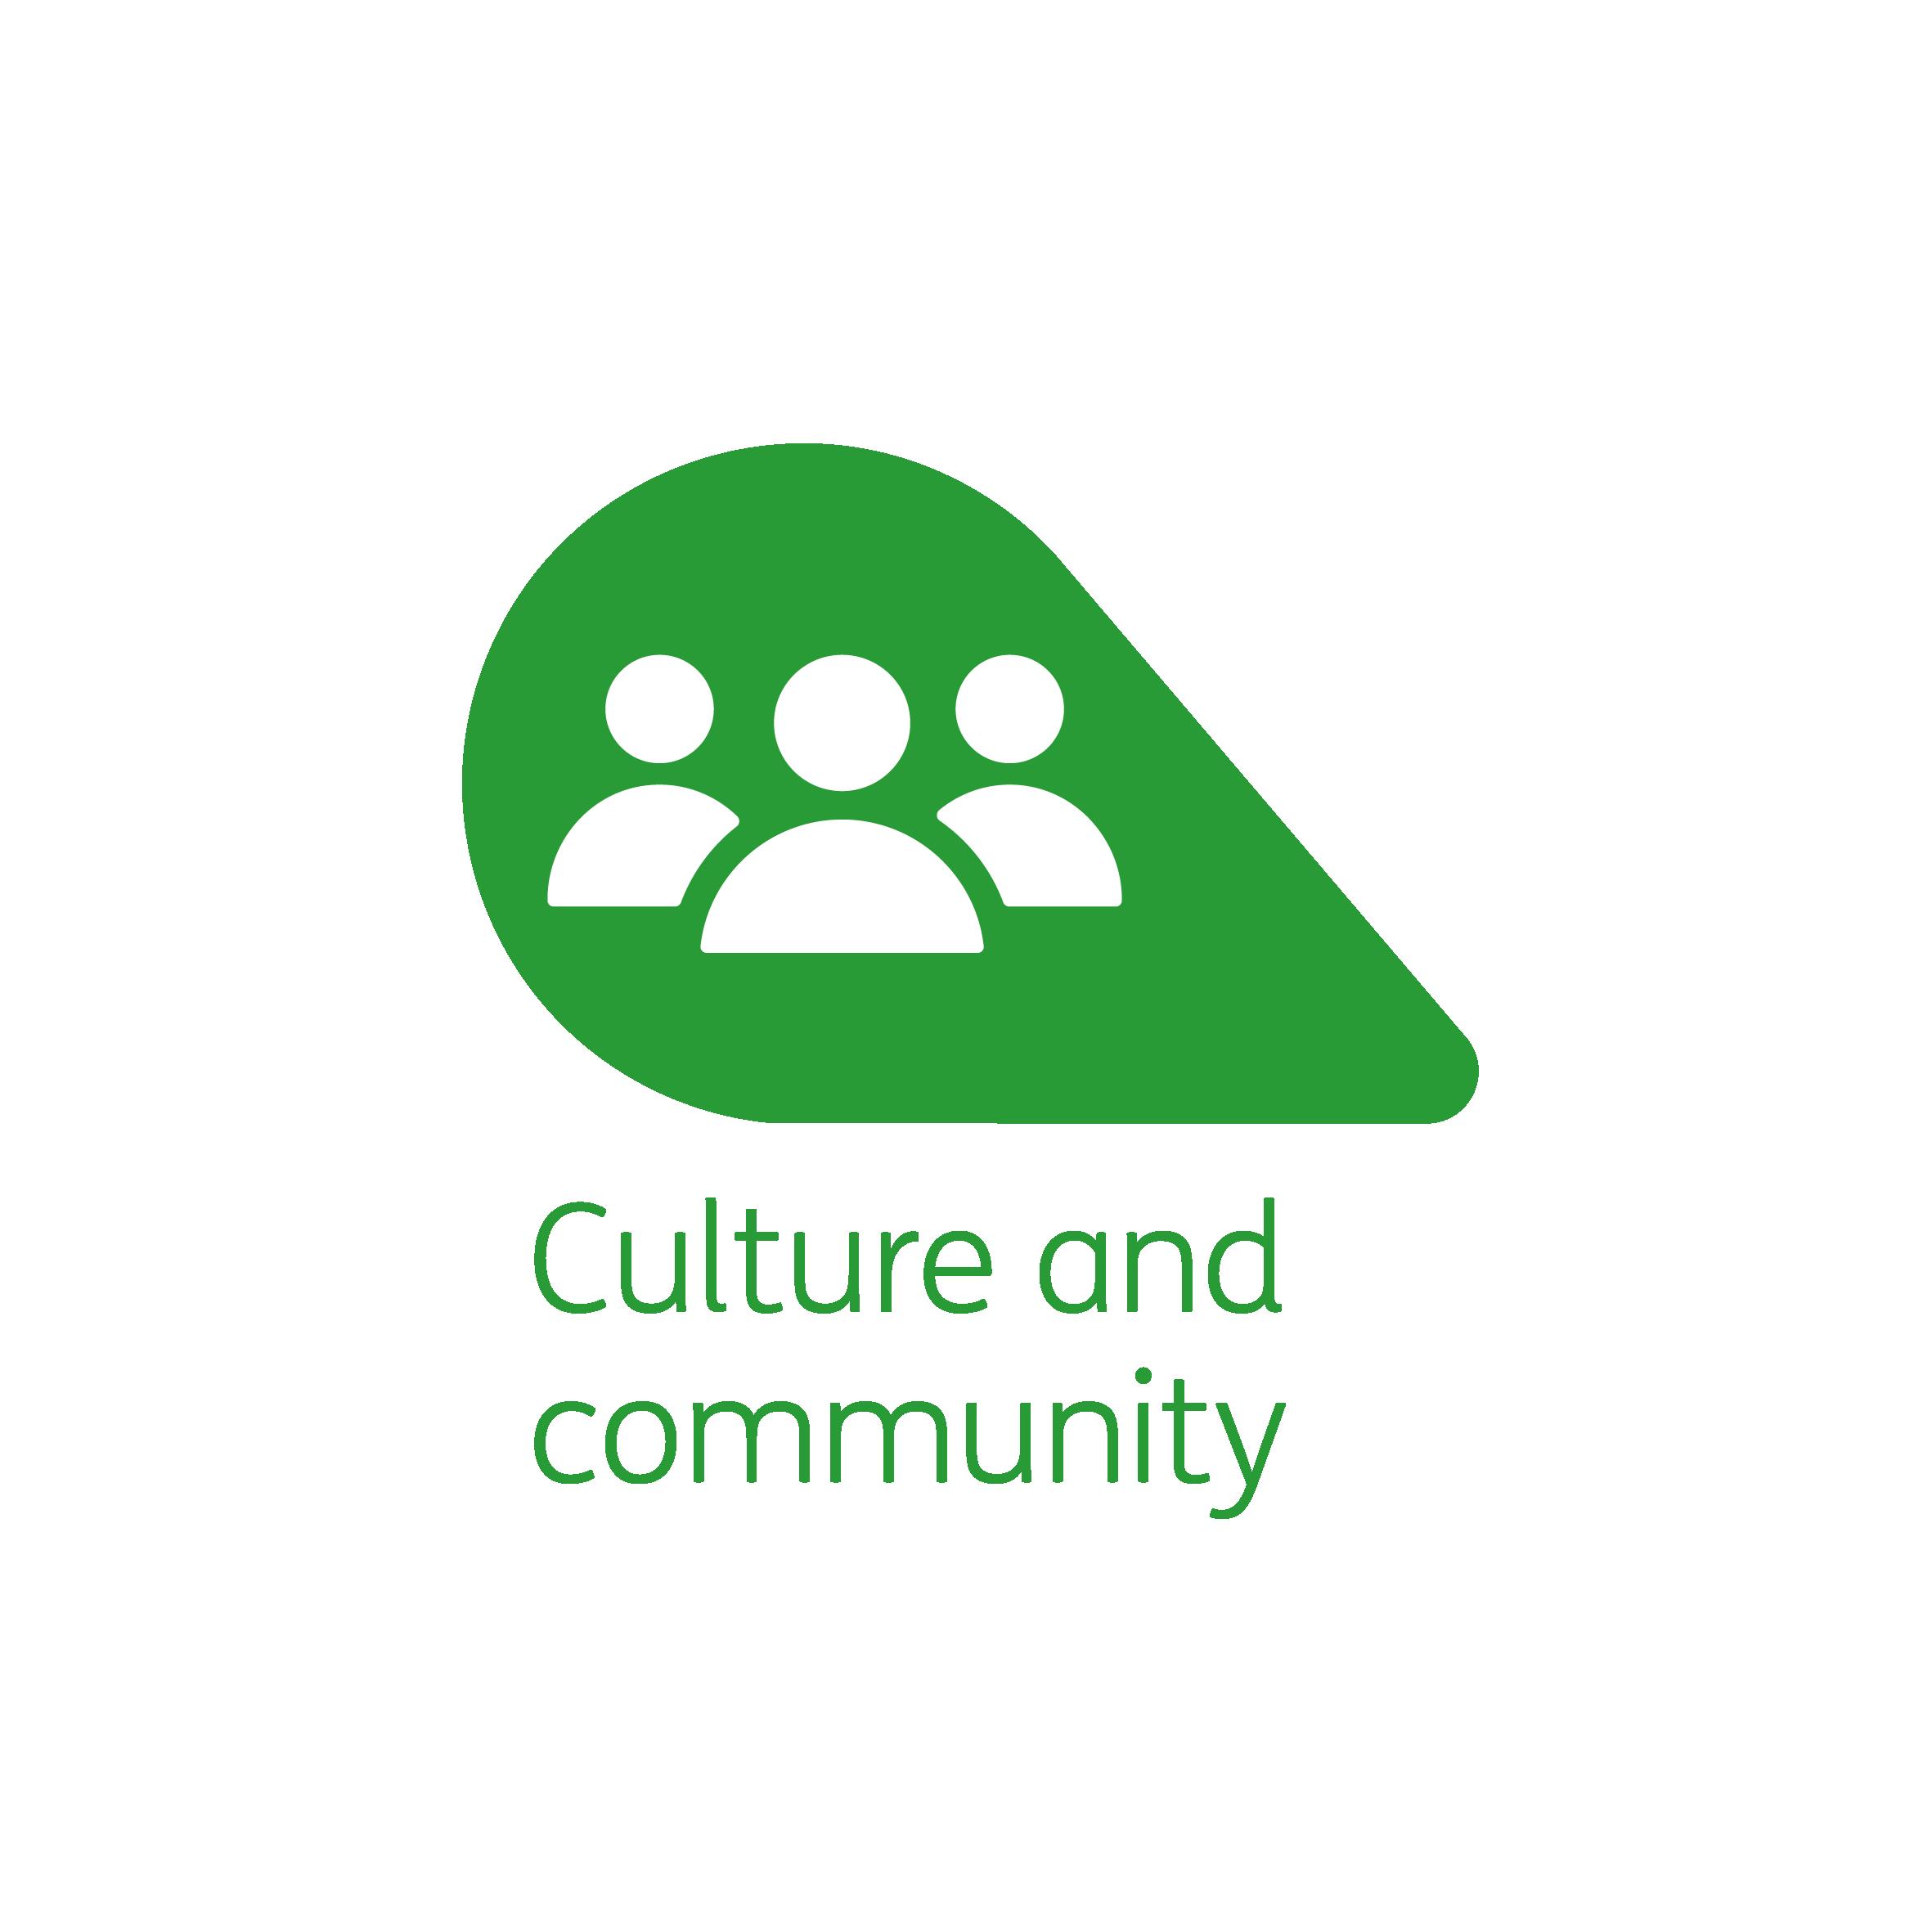 Culture and community petal